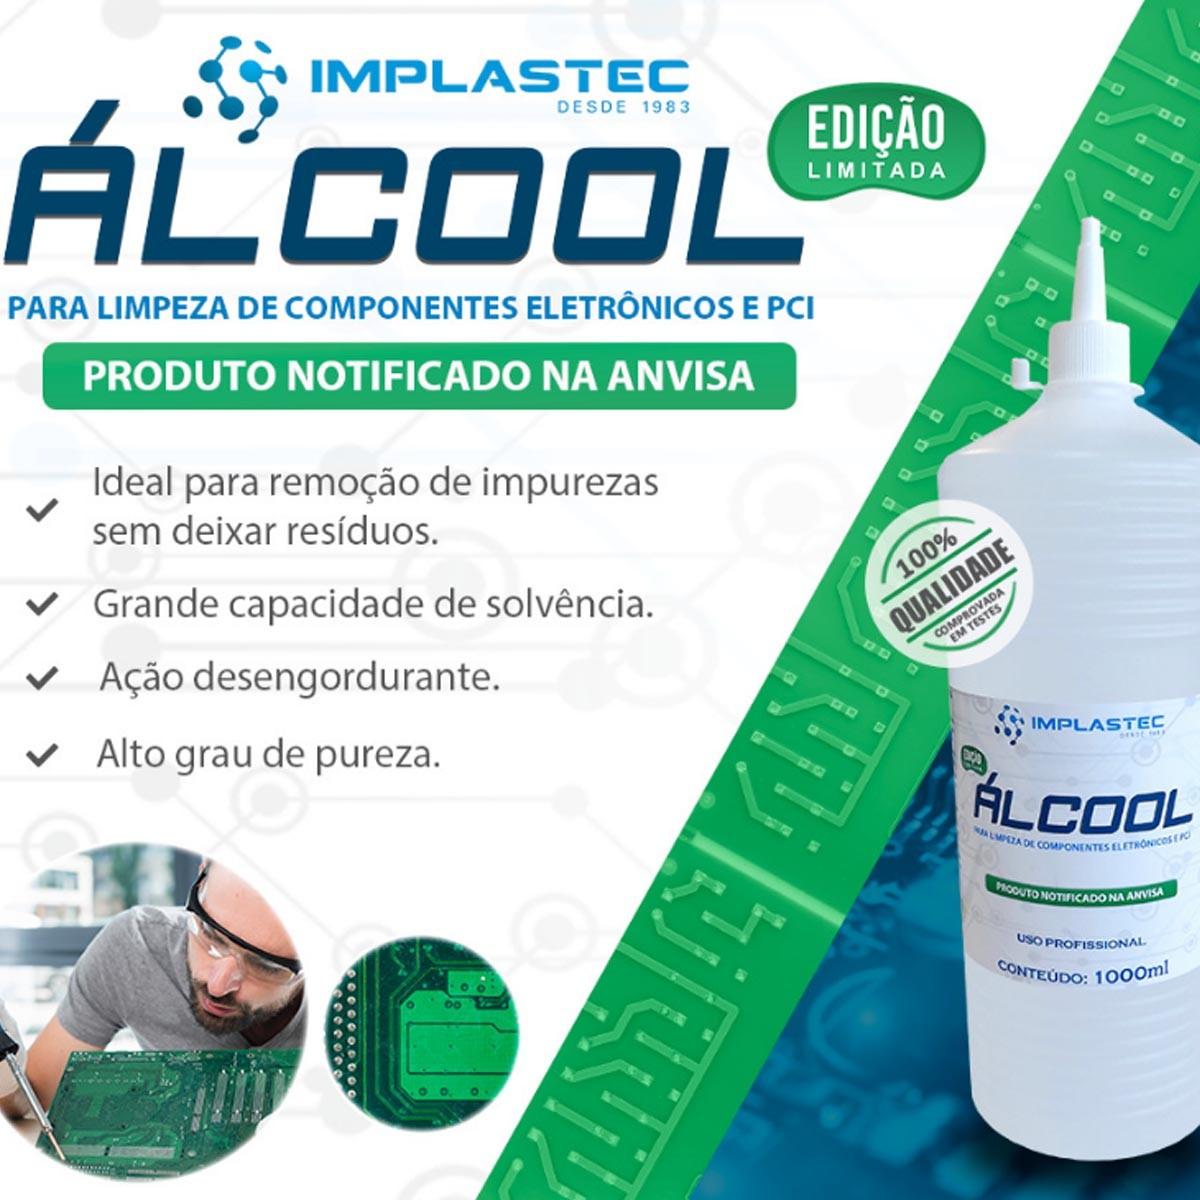 Álcool Implastec Para Limpeza de Componentes Eletrônicos e PCI 1 Litro